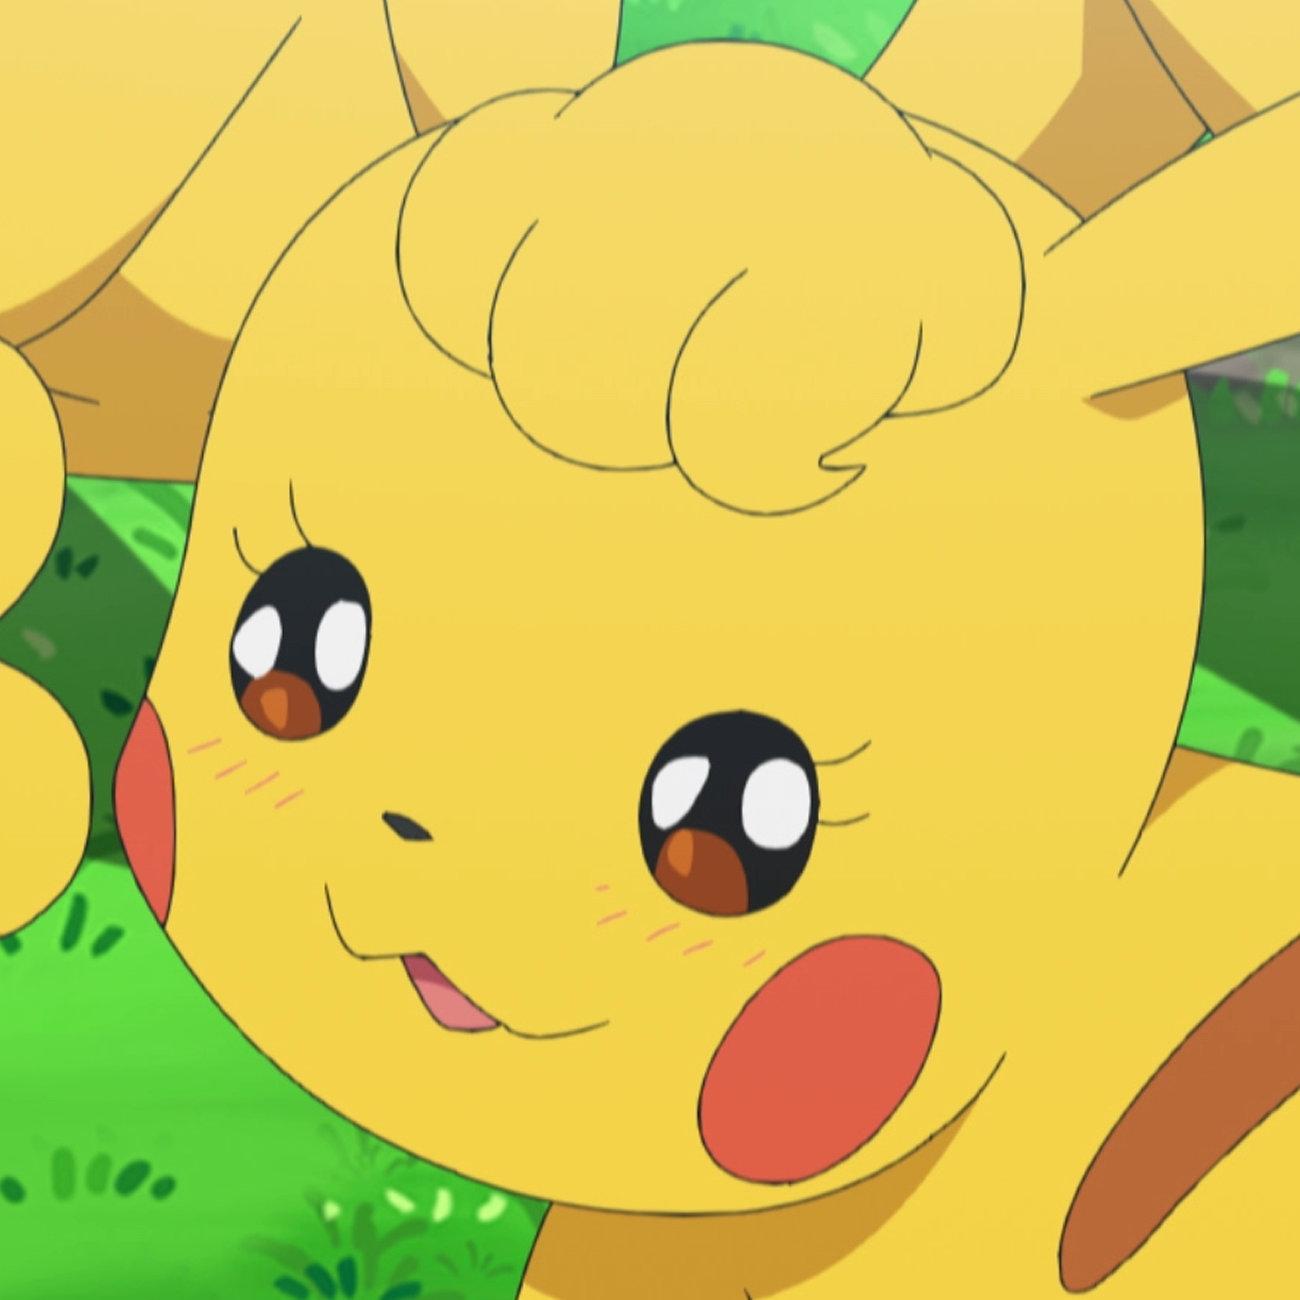 ポケモンアニメ、アイドル的存在ピカチュウ「クリン」。声優は藤田ニコル